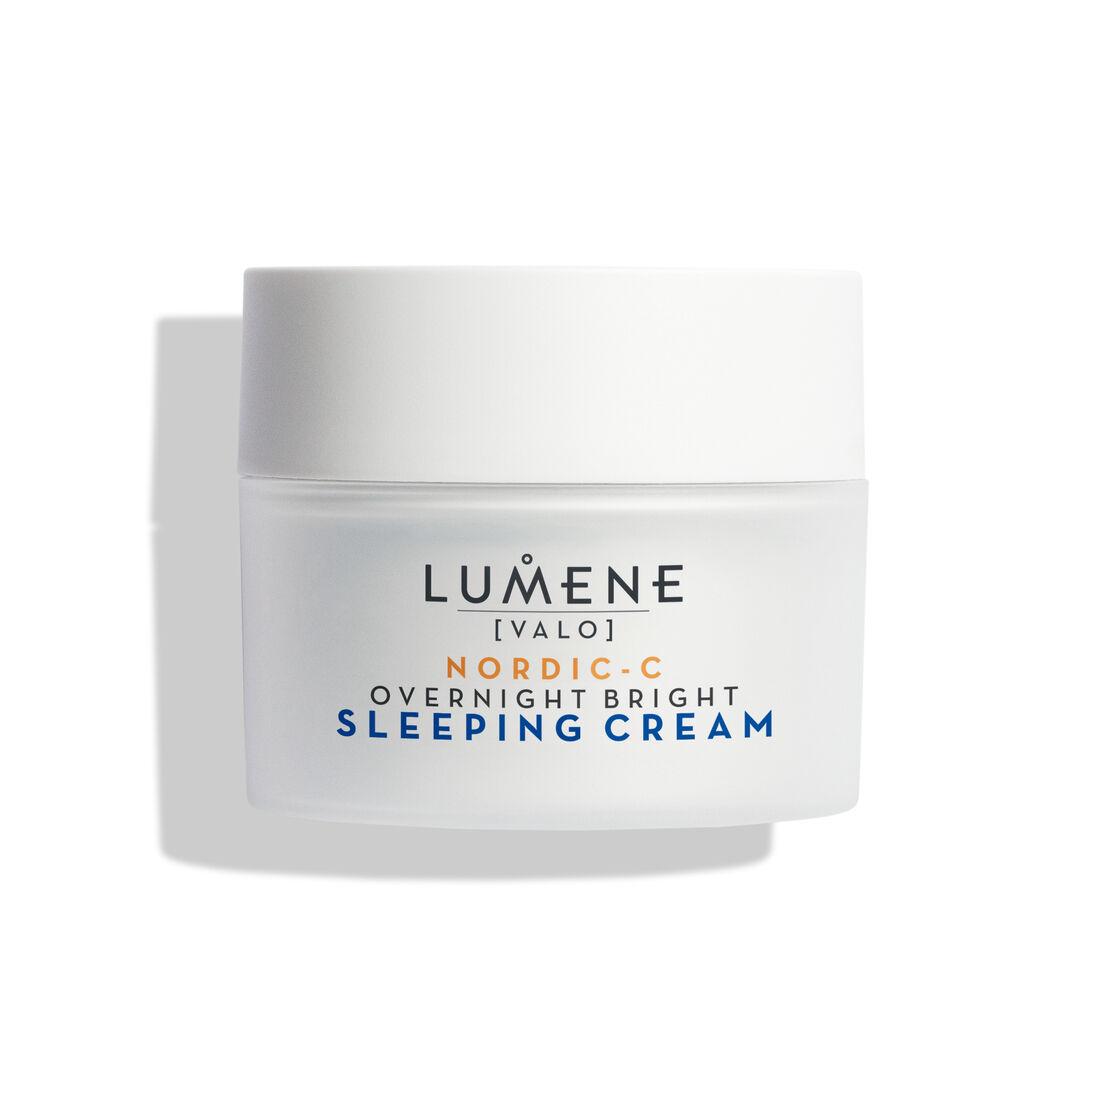 Overnight Bright Sleeping Cream 50ml